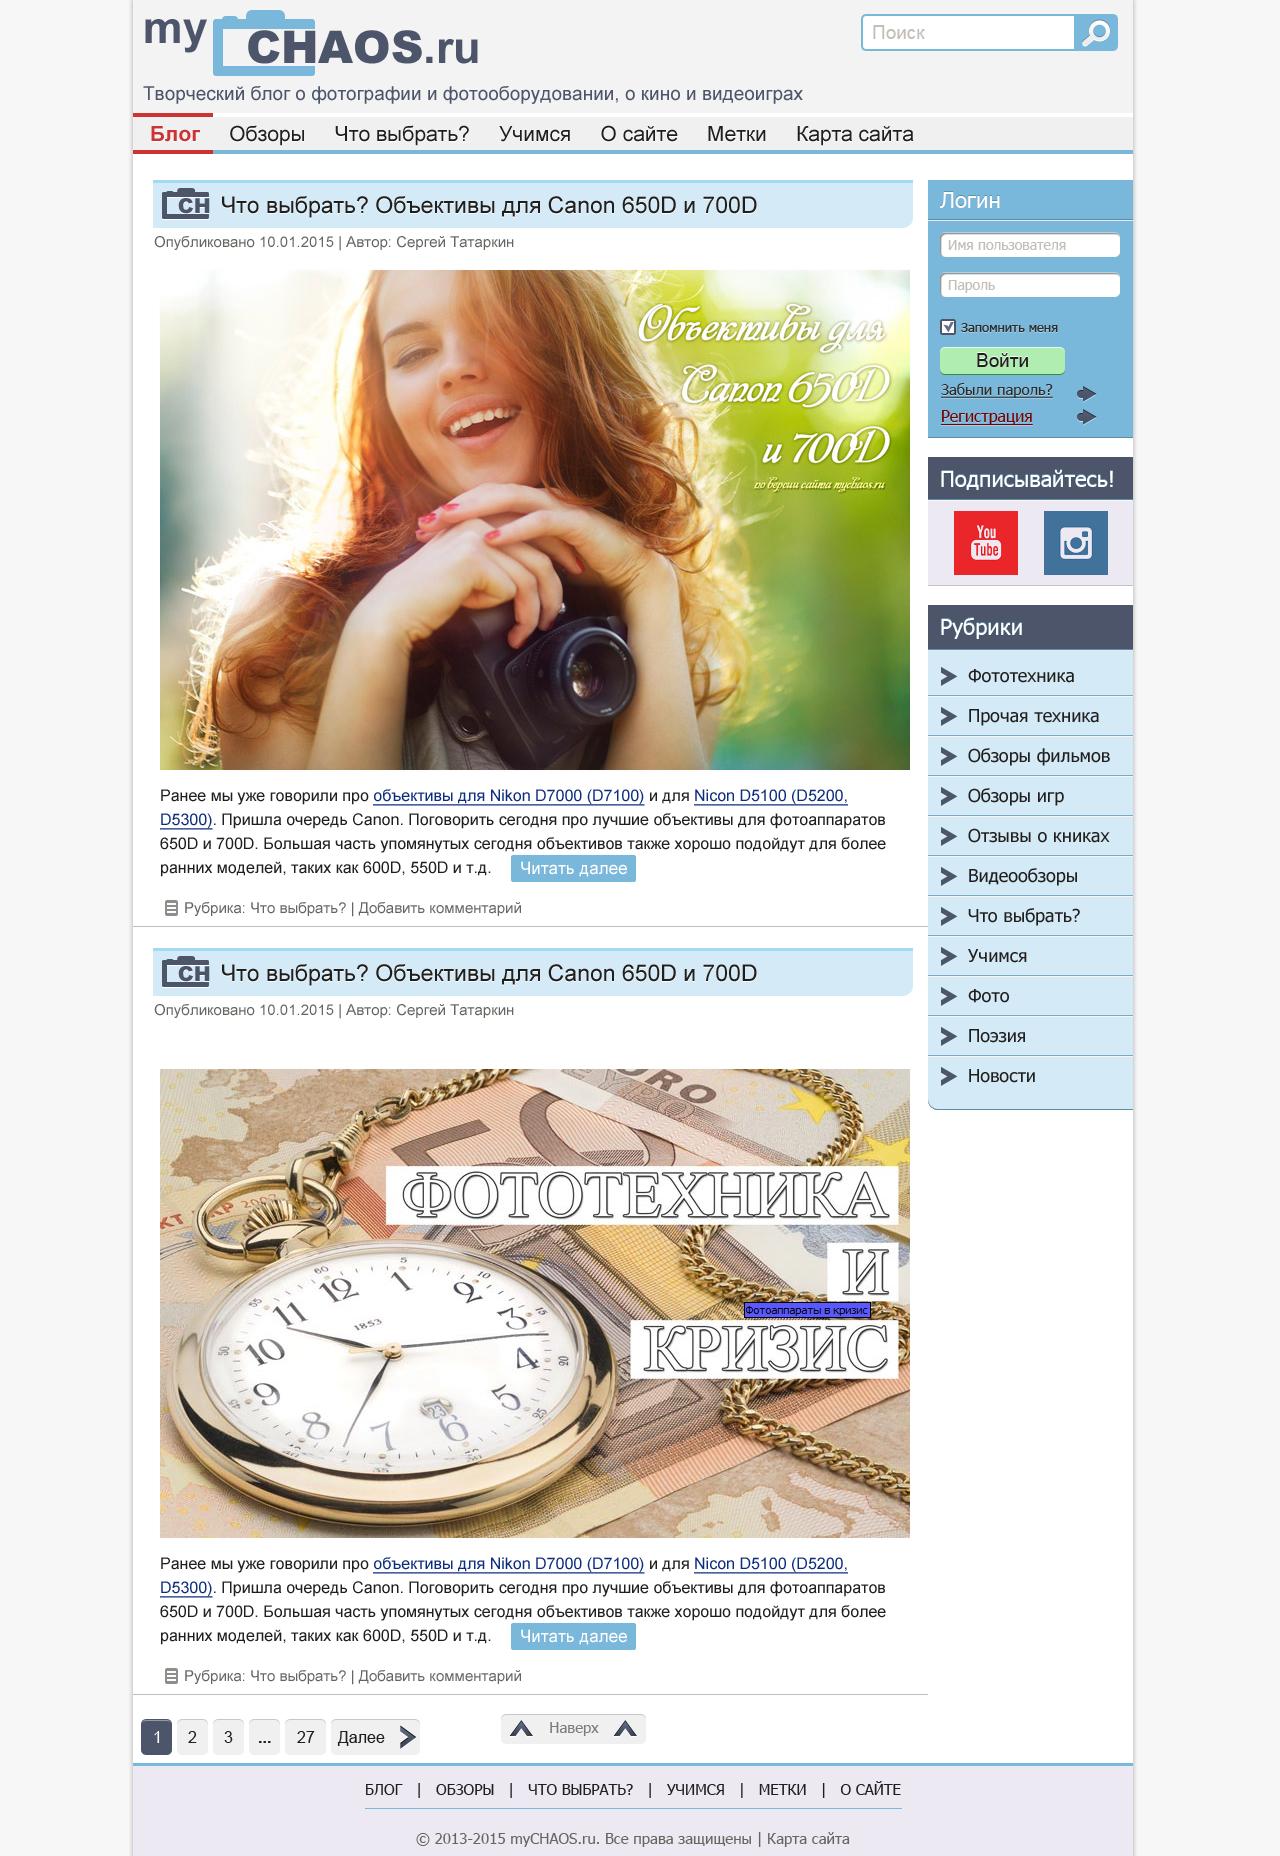 Дизайн блога о фотографиях и фотооборудовании MyCHAOS.ru